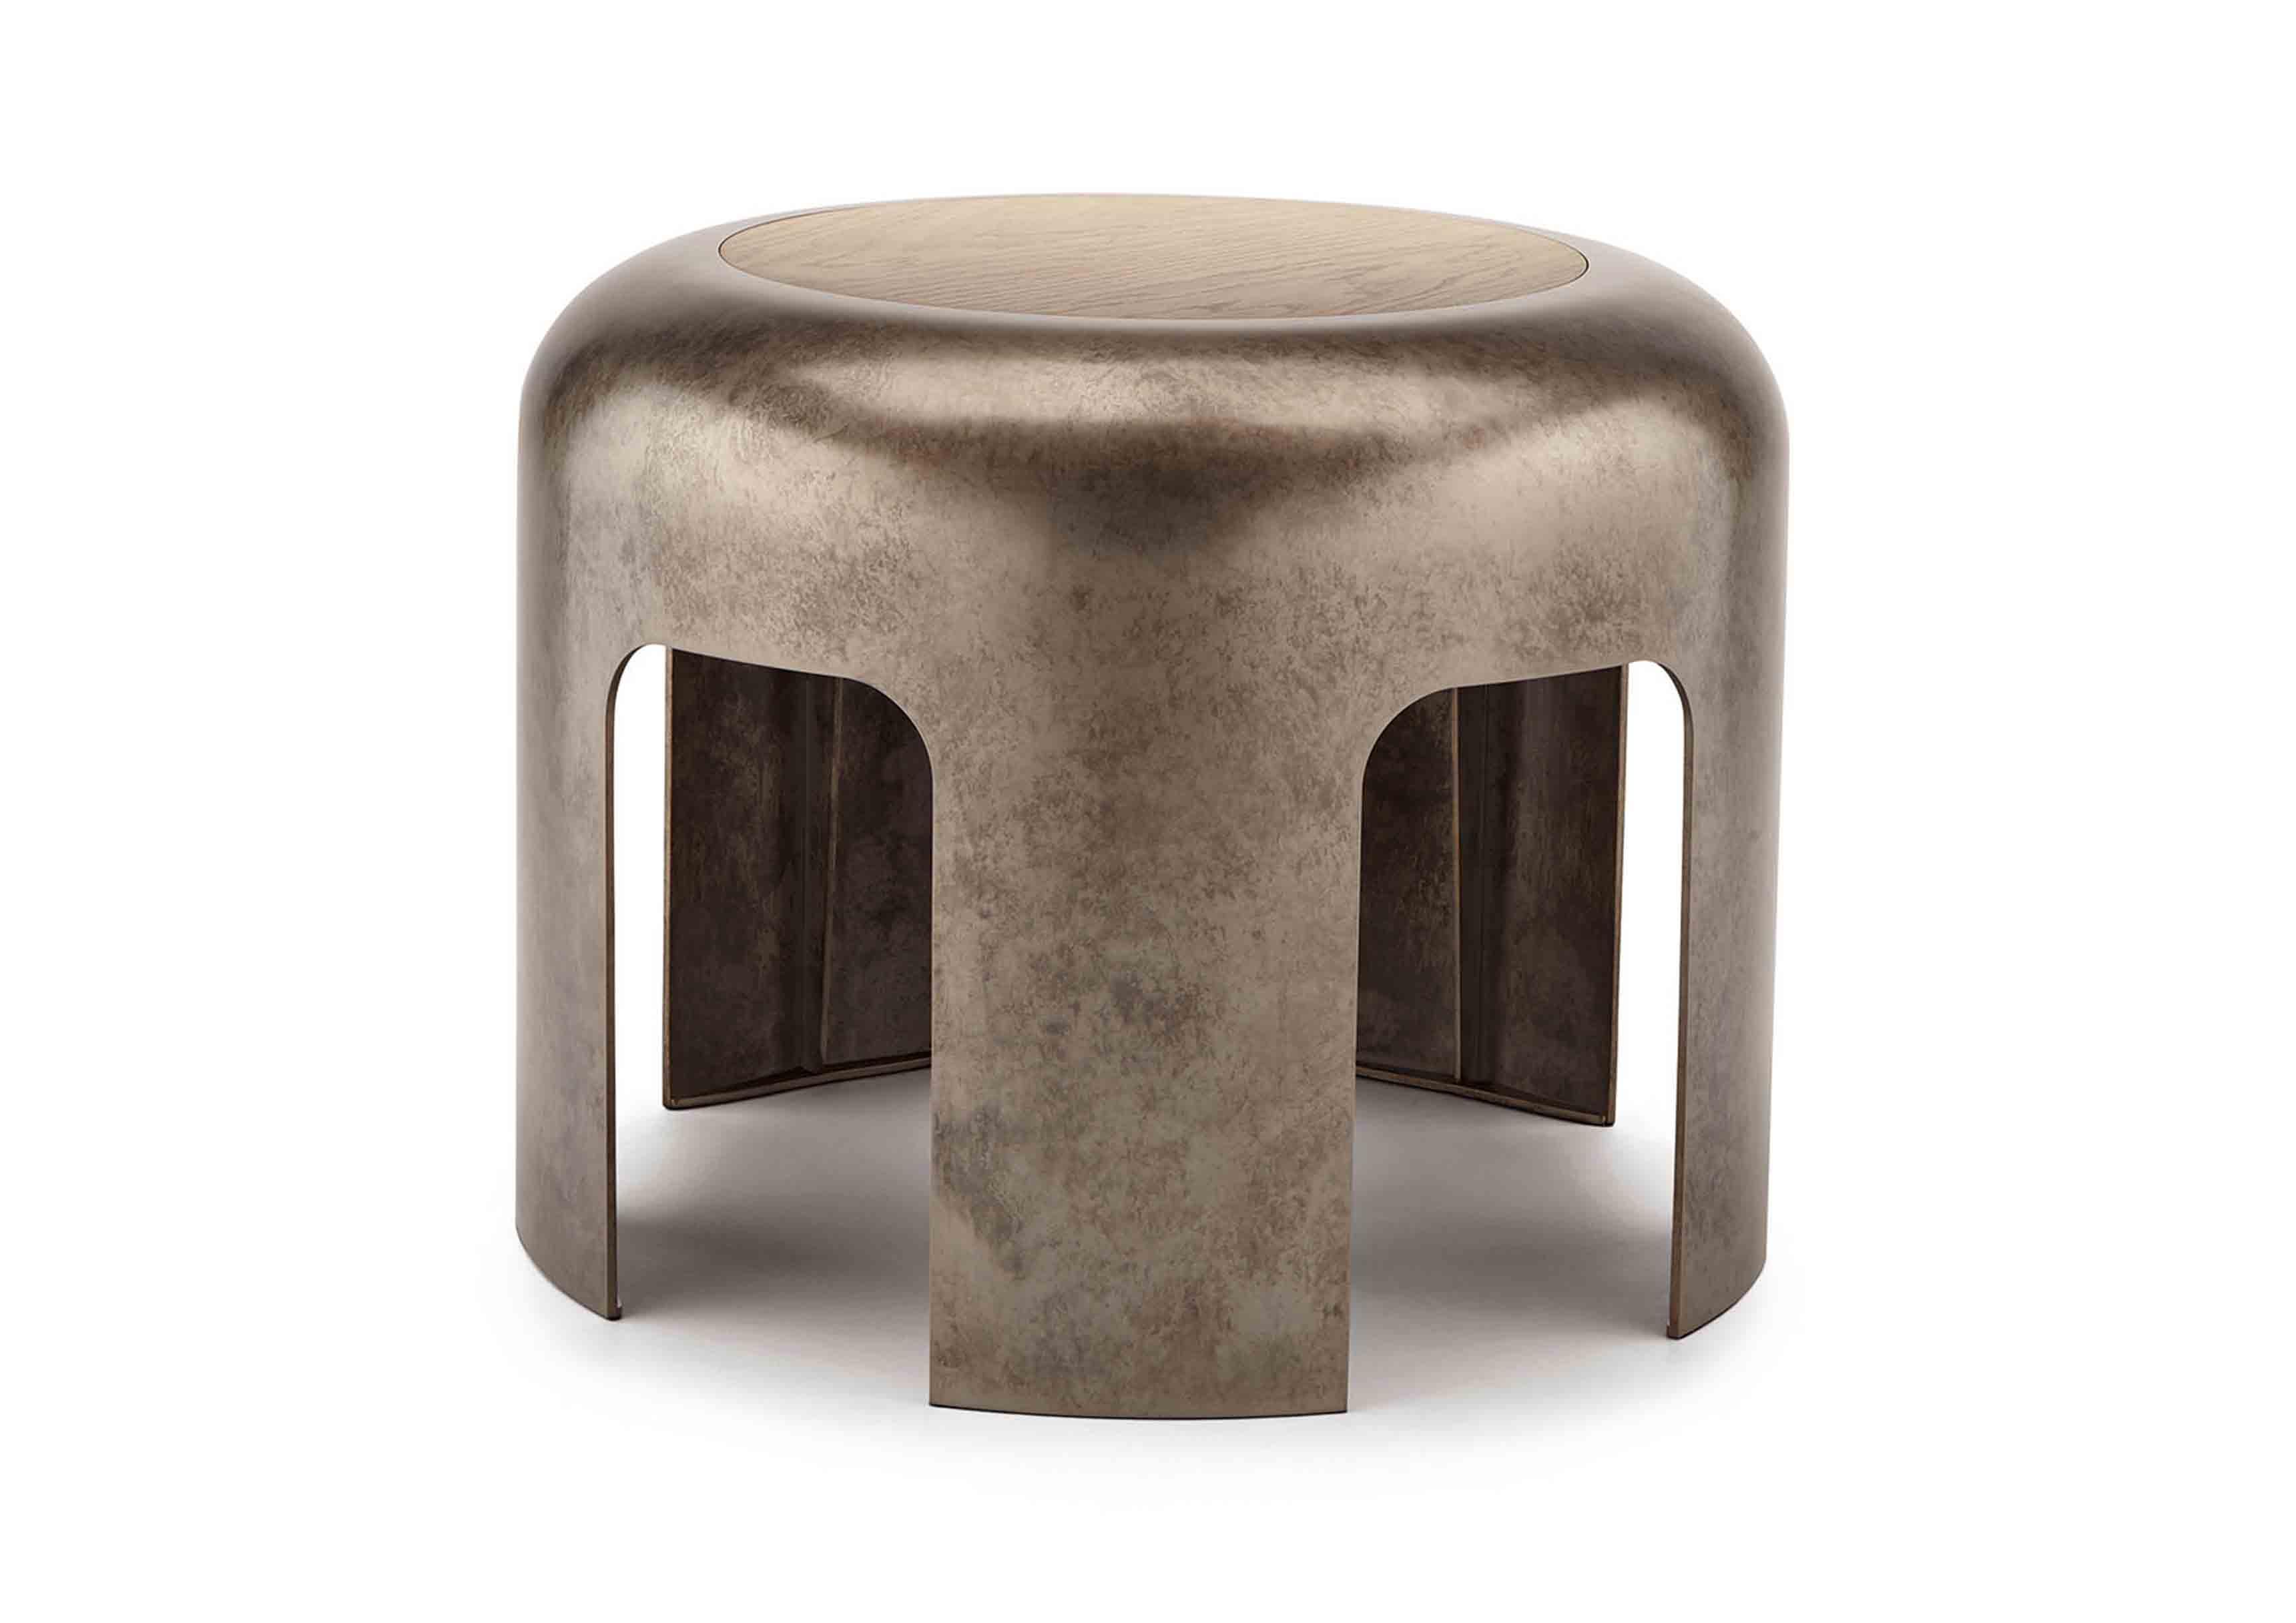 Tabouret issu de la nouvelle collection Maison de Bottega Veneta, à l'occasion du Salone del Mobile de Milan.